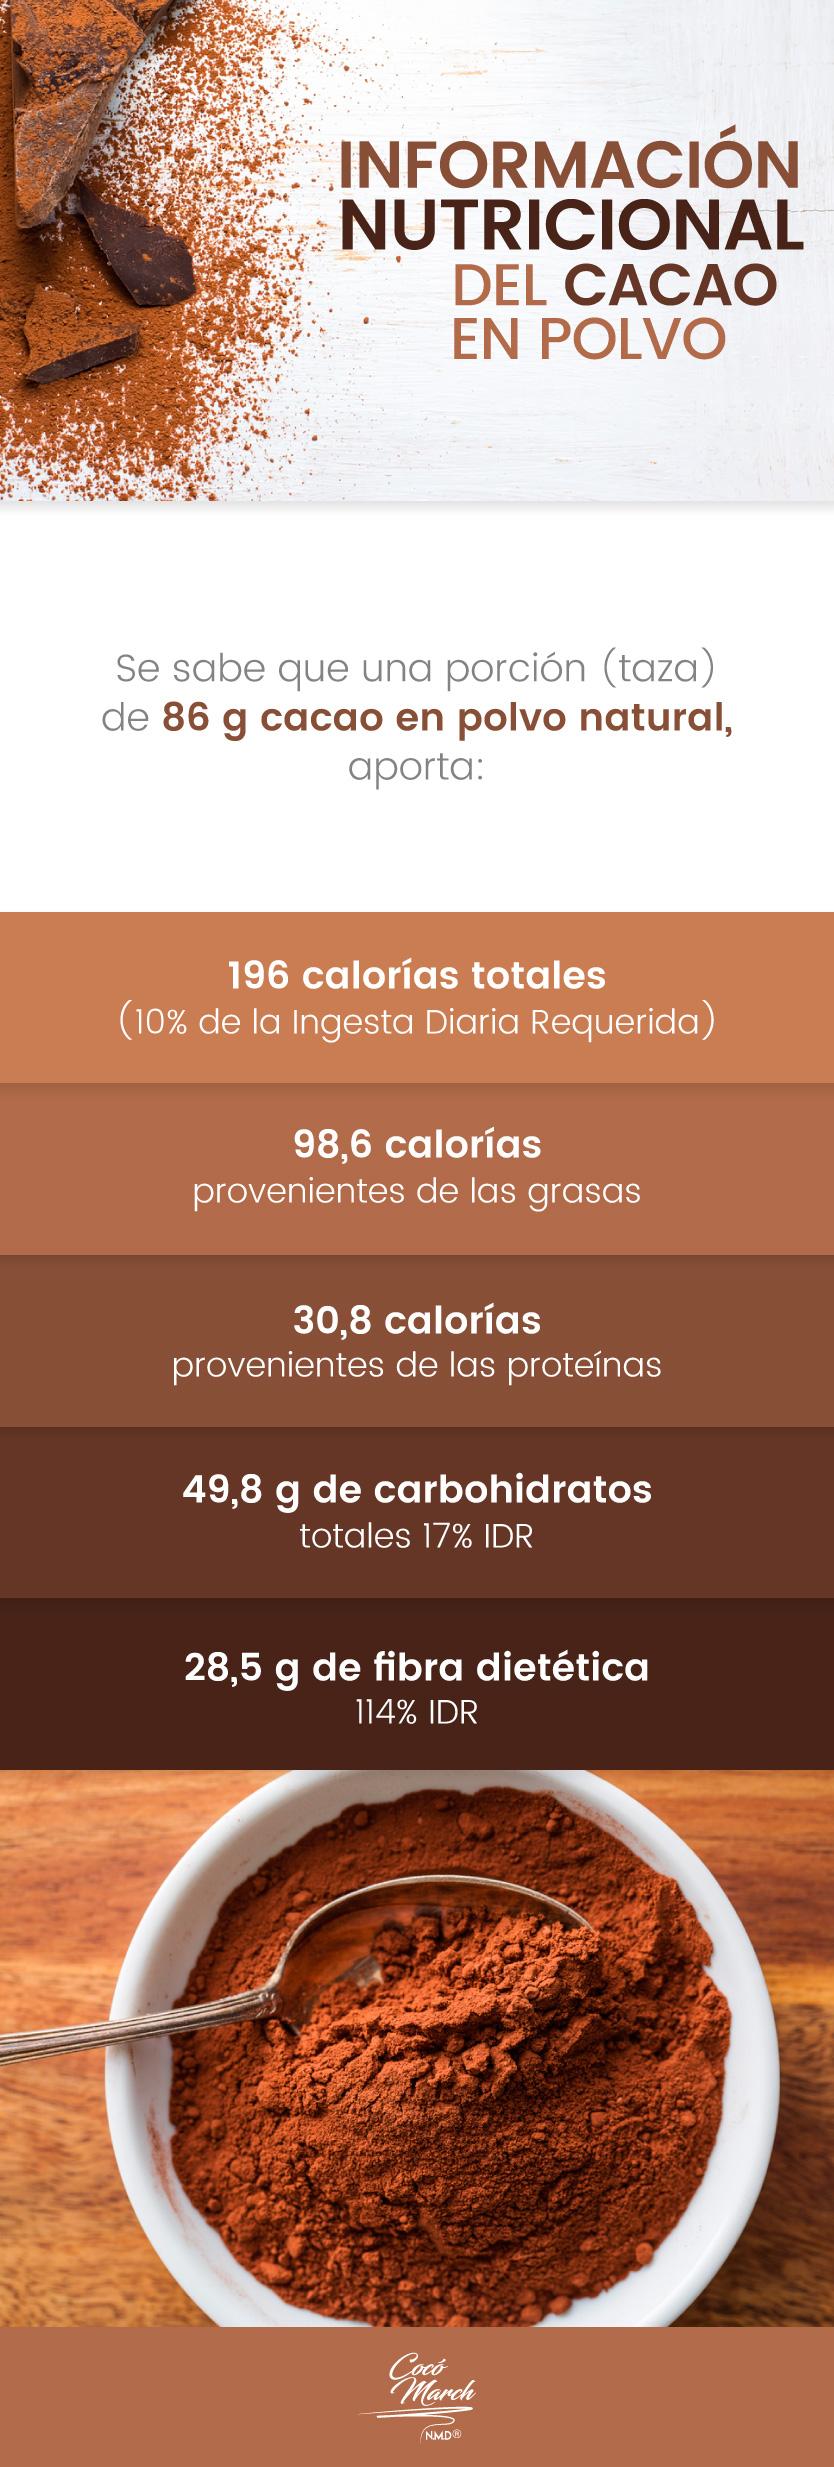 informacion-nutricional-del-cacao